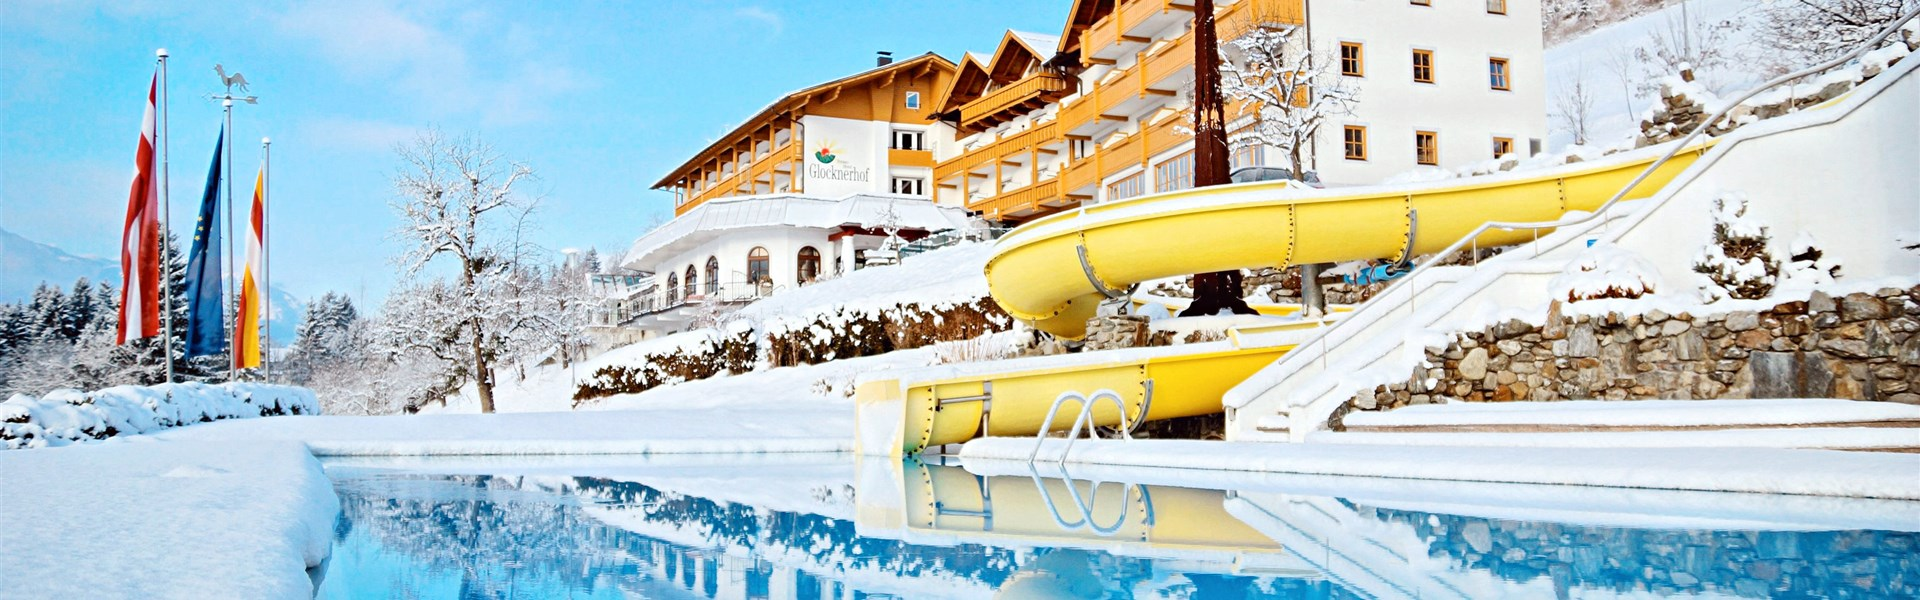 Marco Polo - Ferienhotel Glocknerhof W21 -